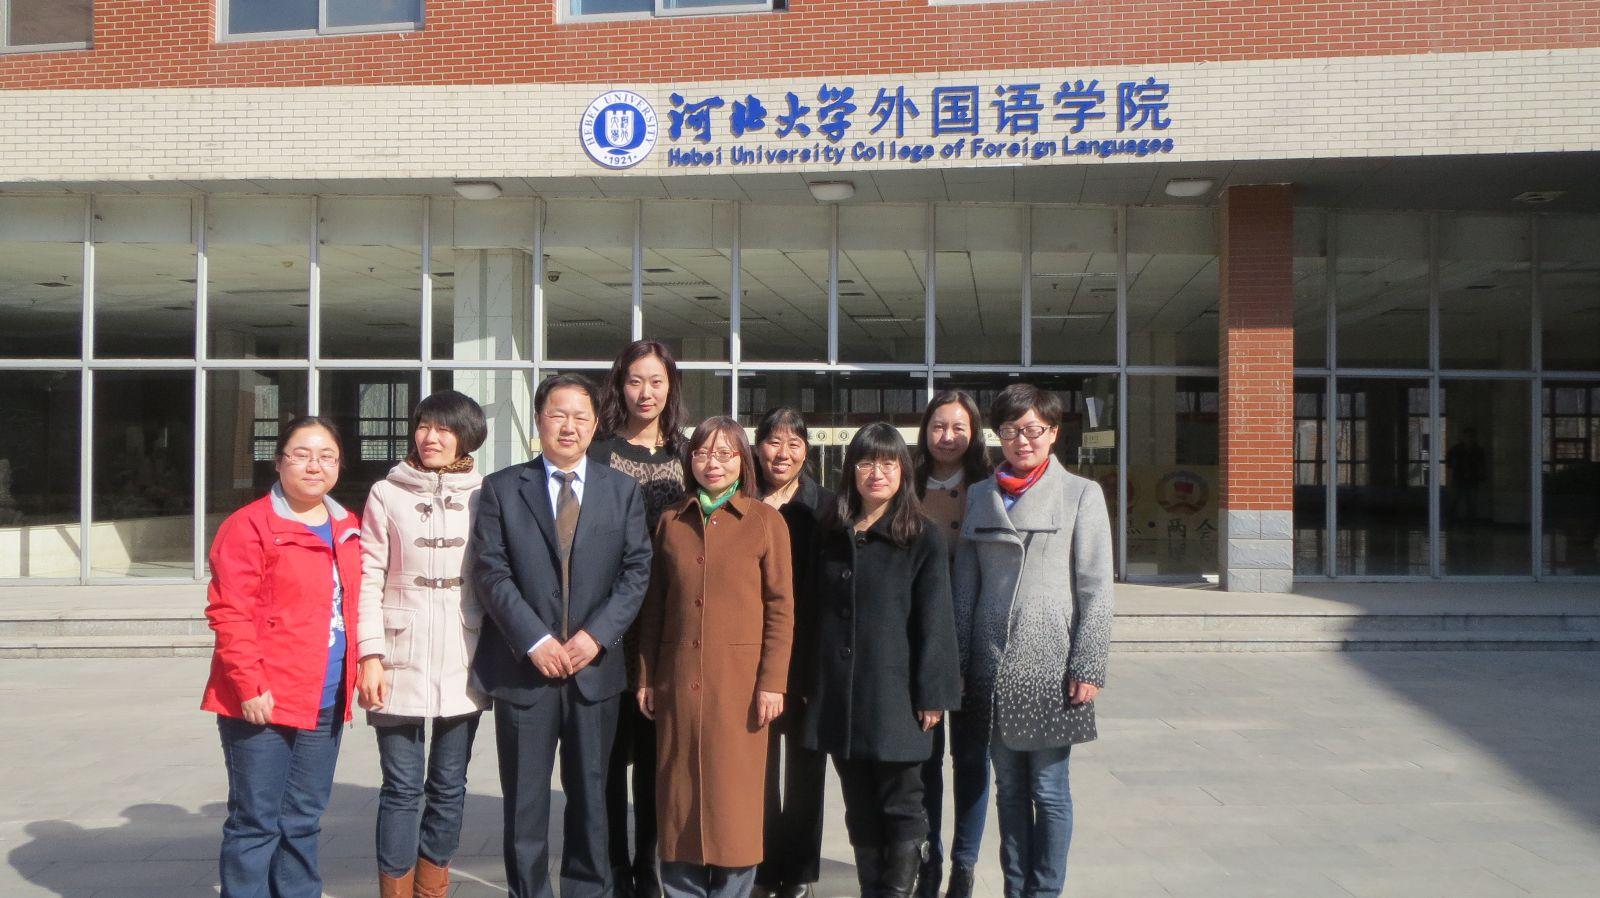 河北大学工商学院吧_河北大学外国语学院的科学研究